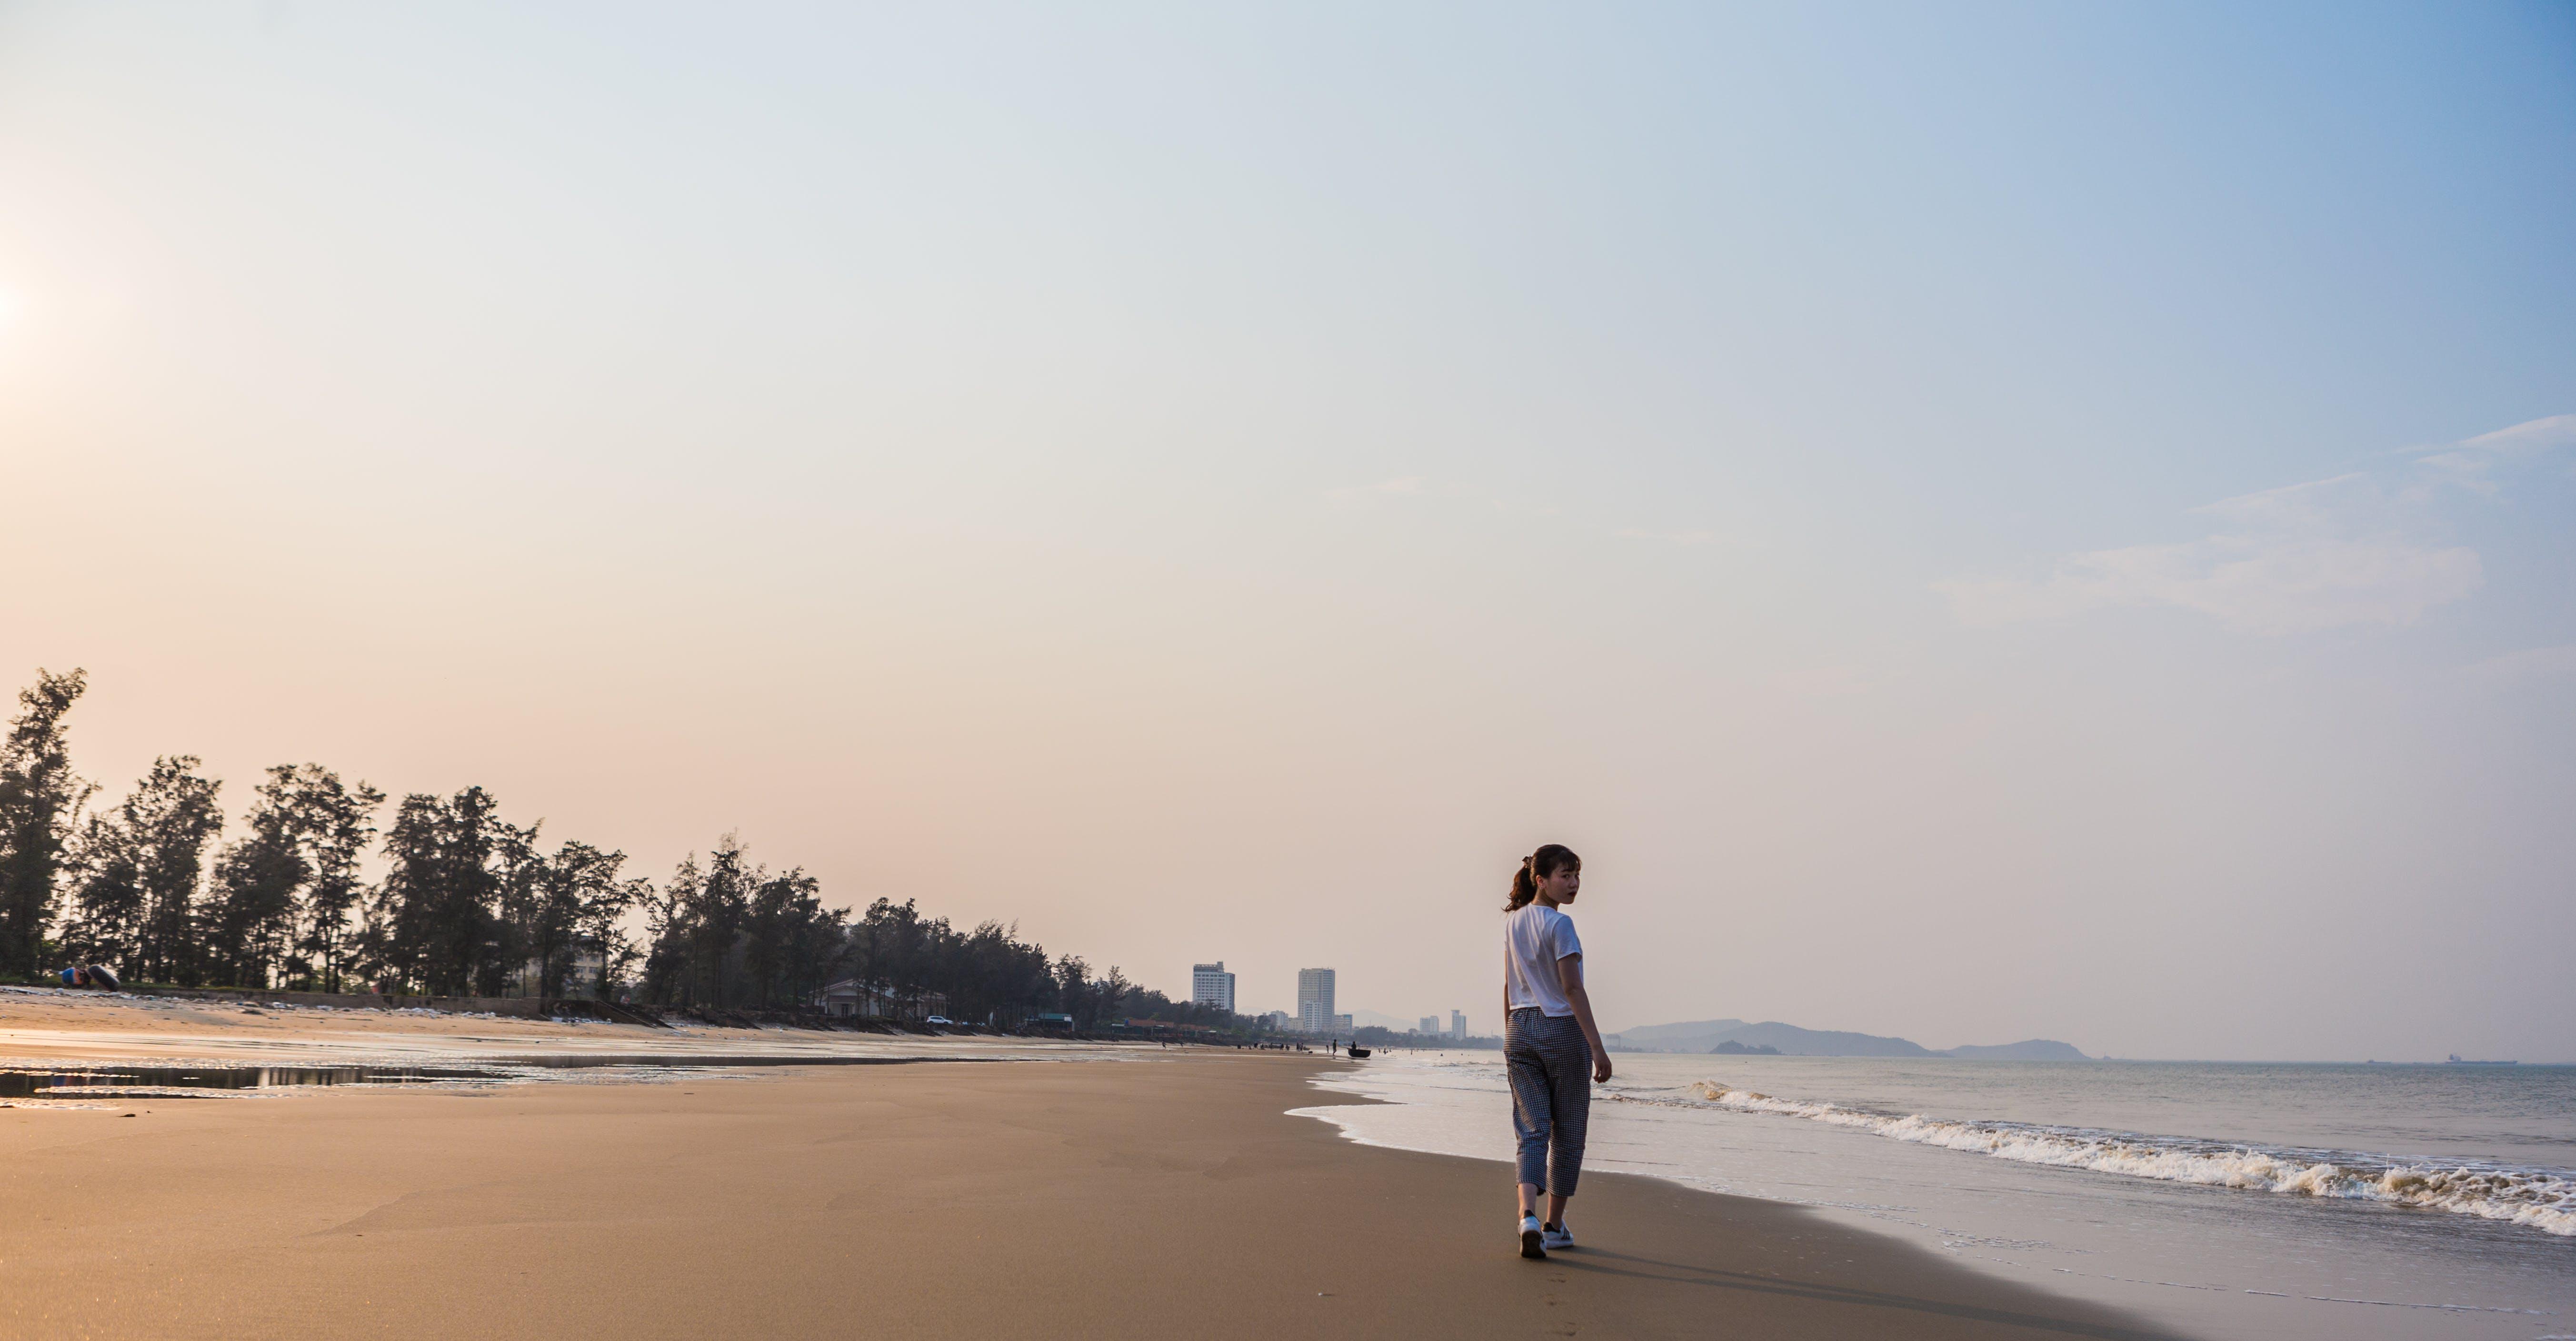 Woman Walking on Shore Near Body of Water